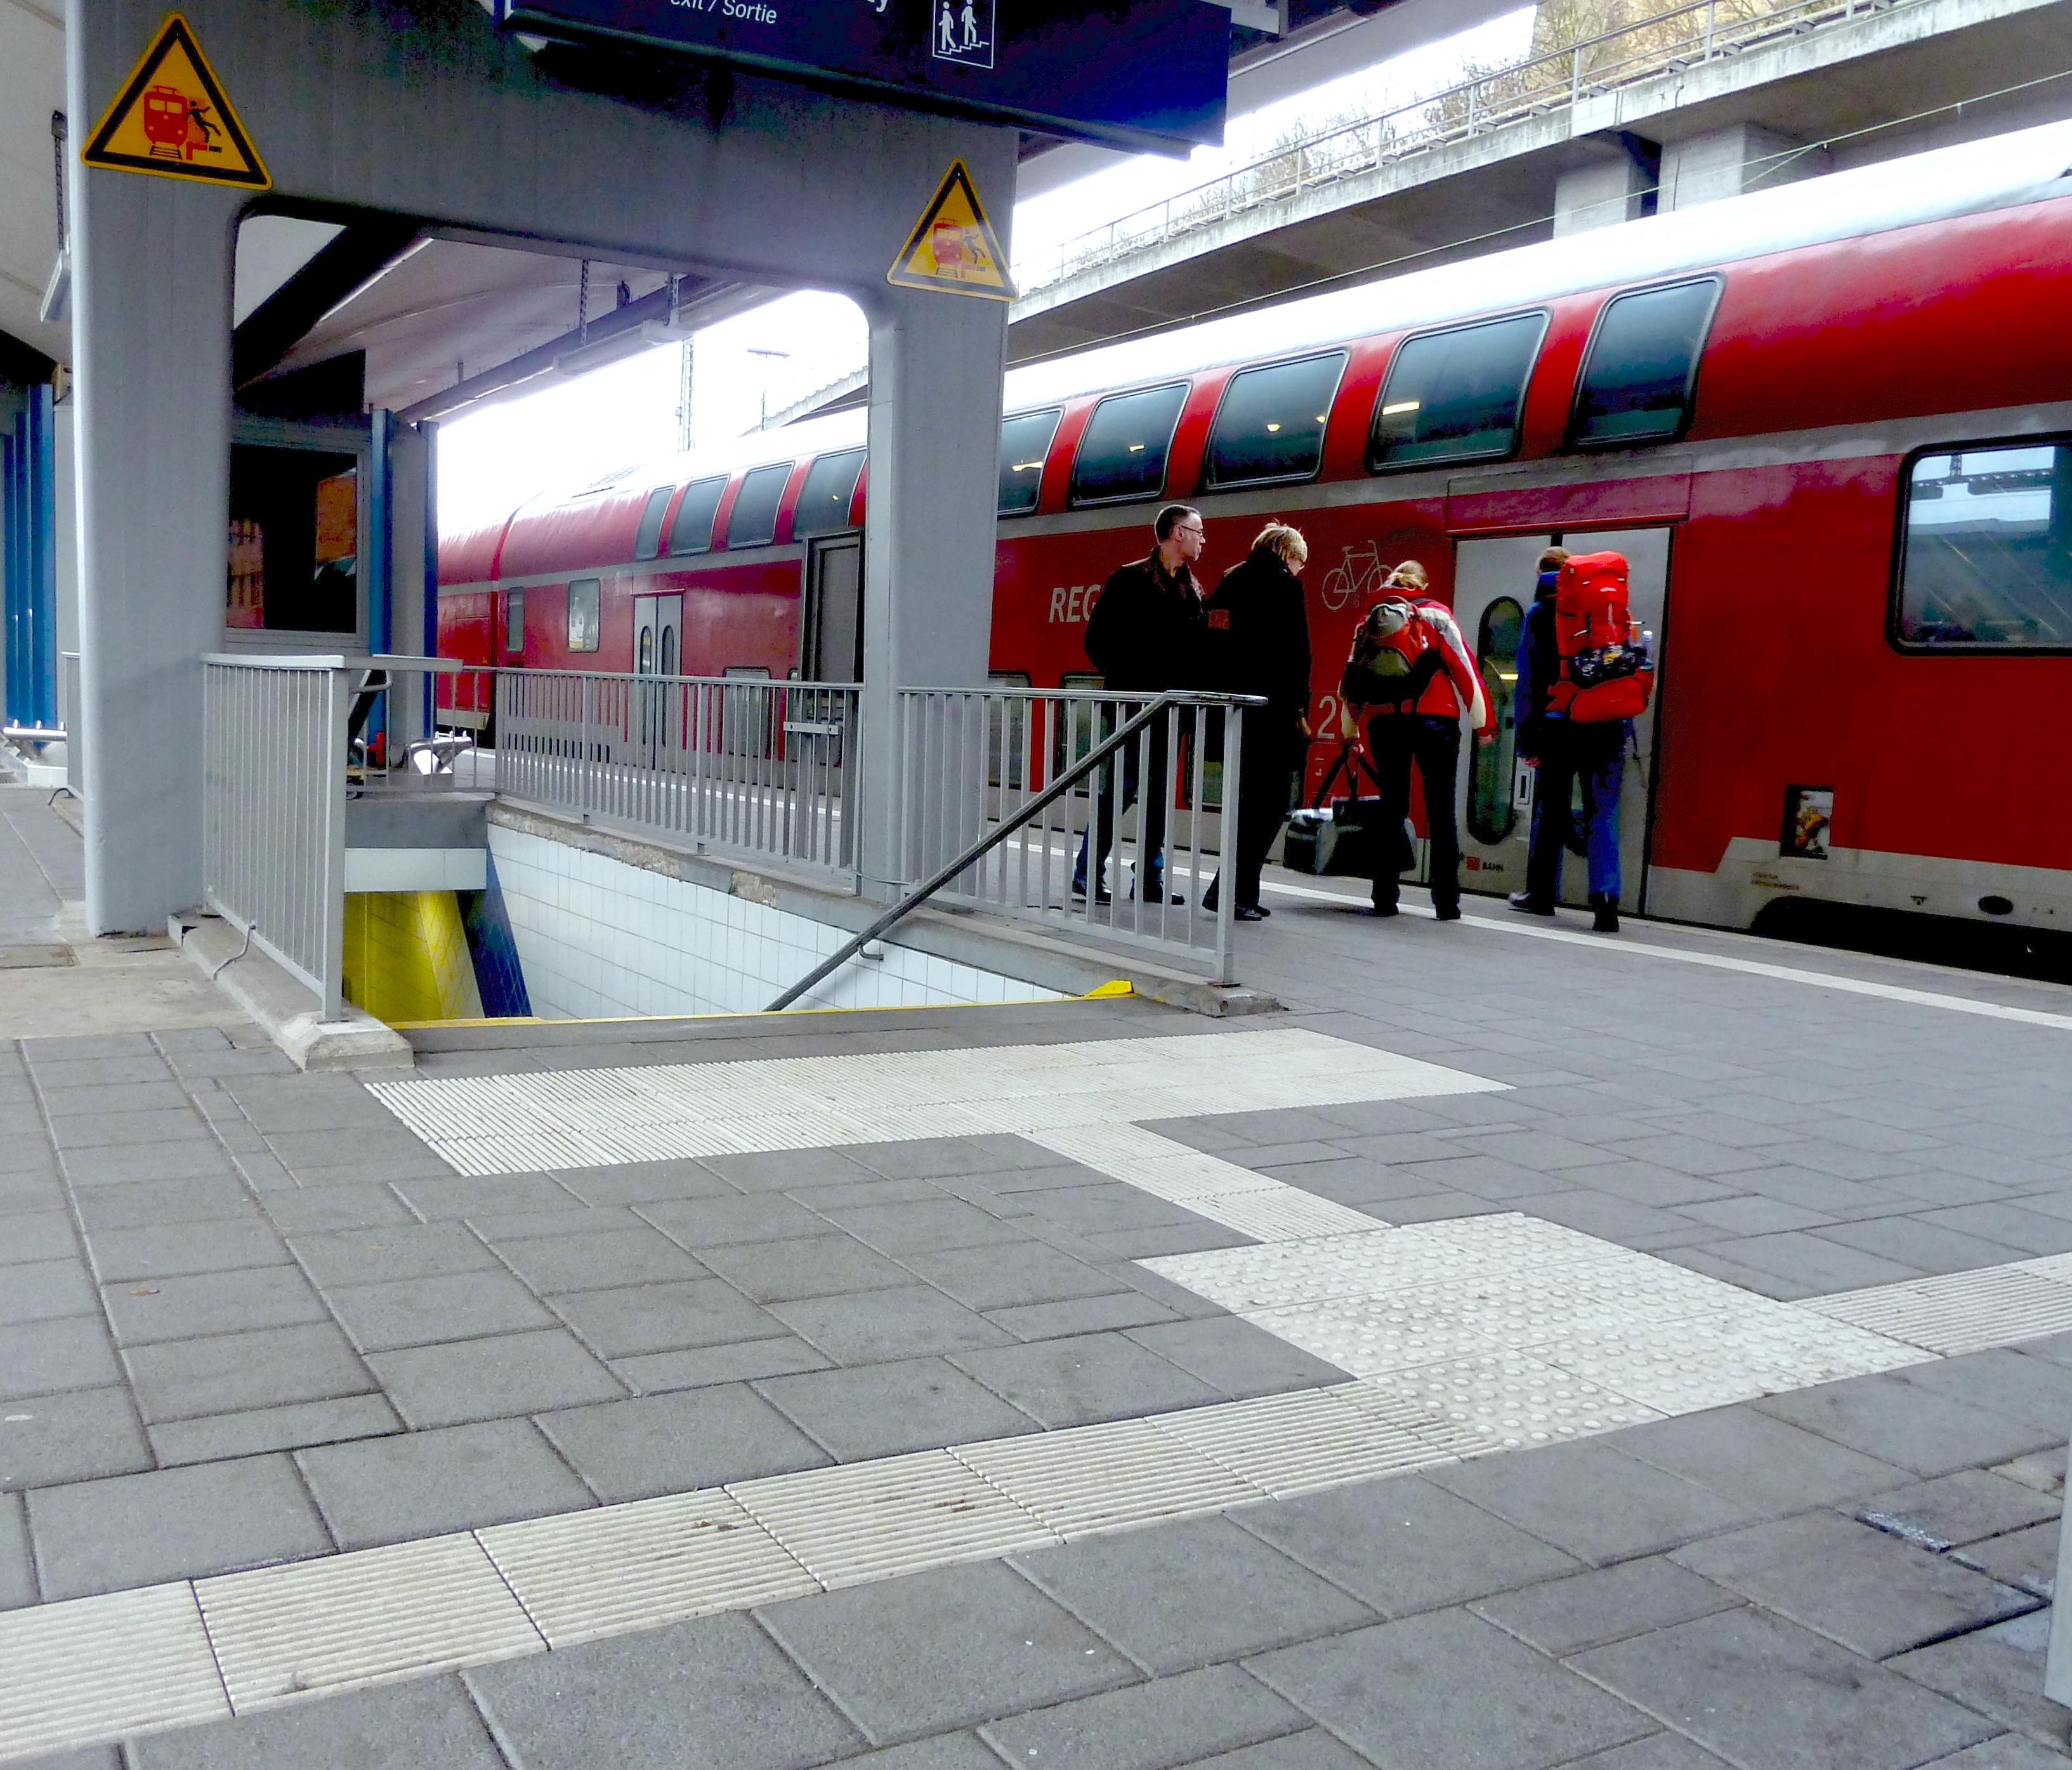 Im Fußboden von Bahnsteigen implementierte Blindenleitstreifen. Foto: KO_DB_pavement_1, via Wikipedia, CC-BY-SA 3.0